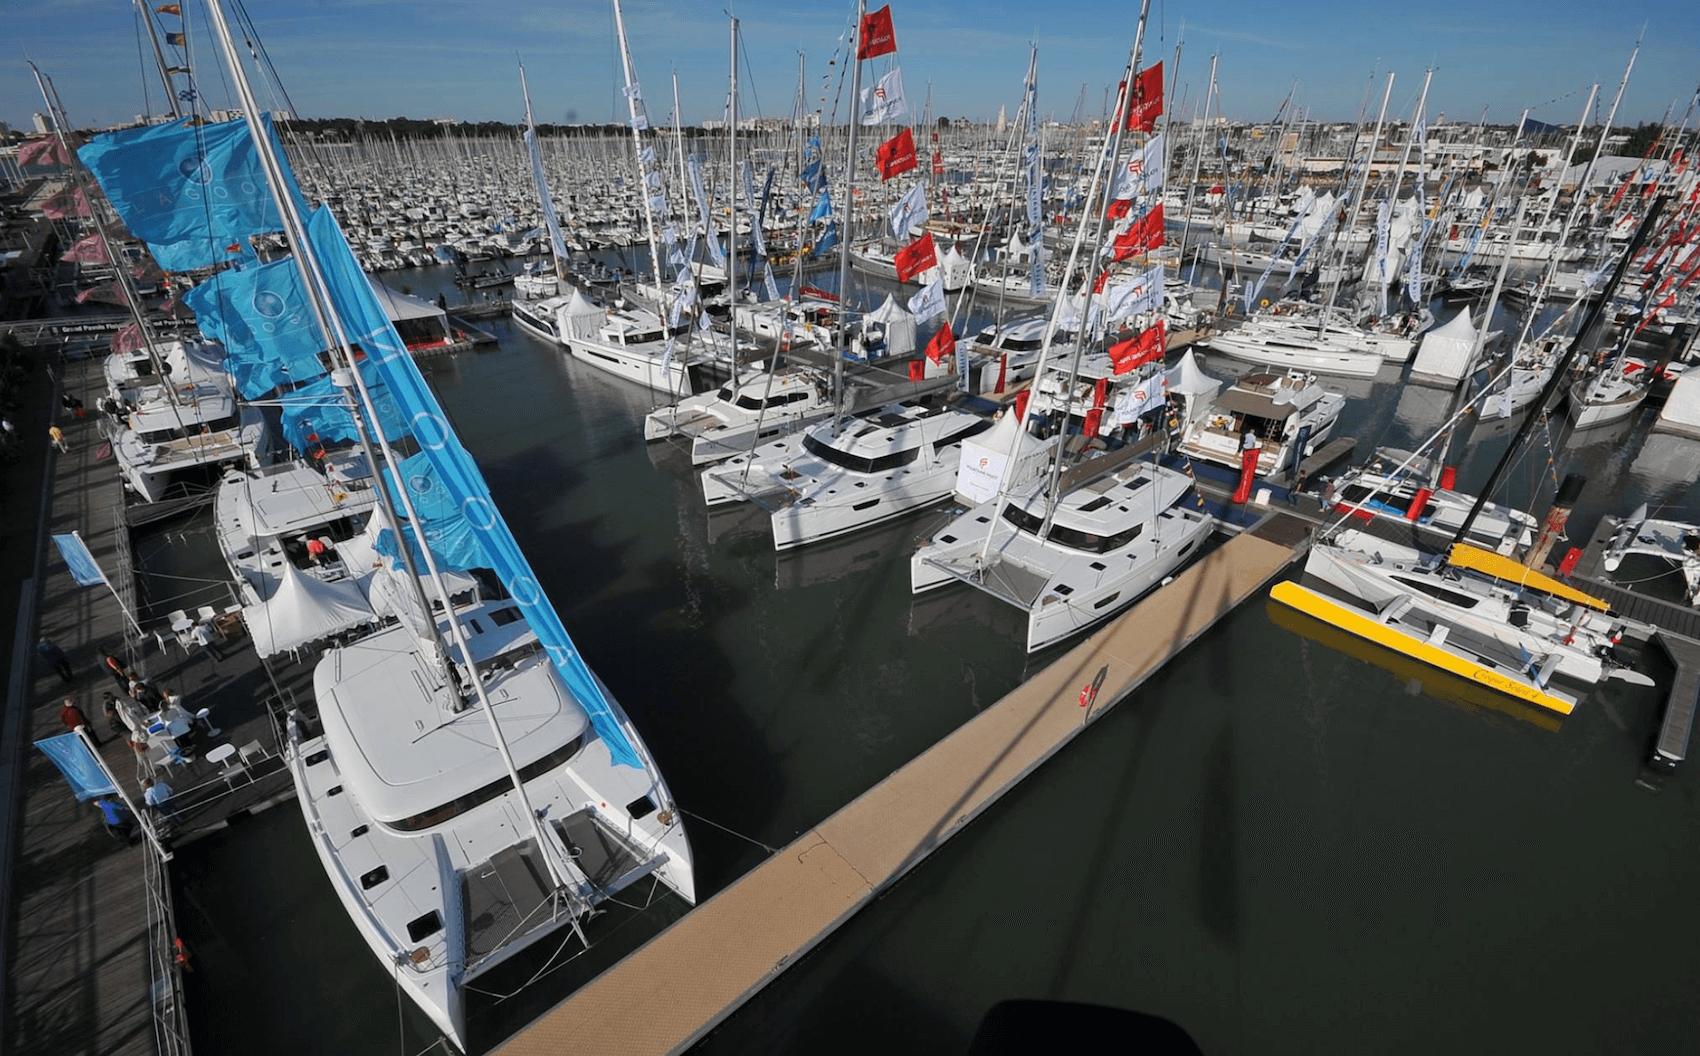 La rade de la Rochelle